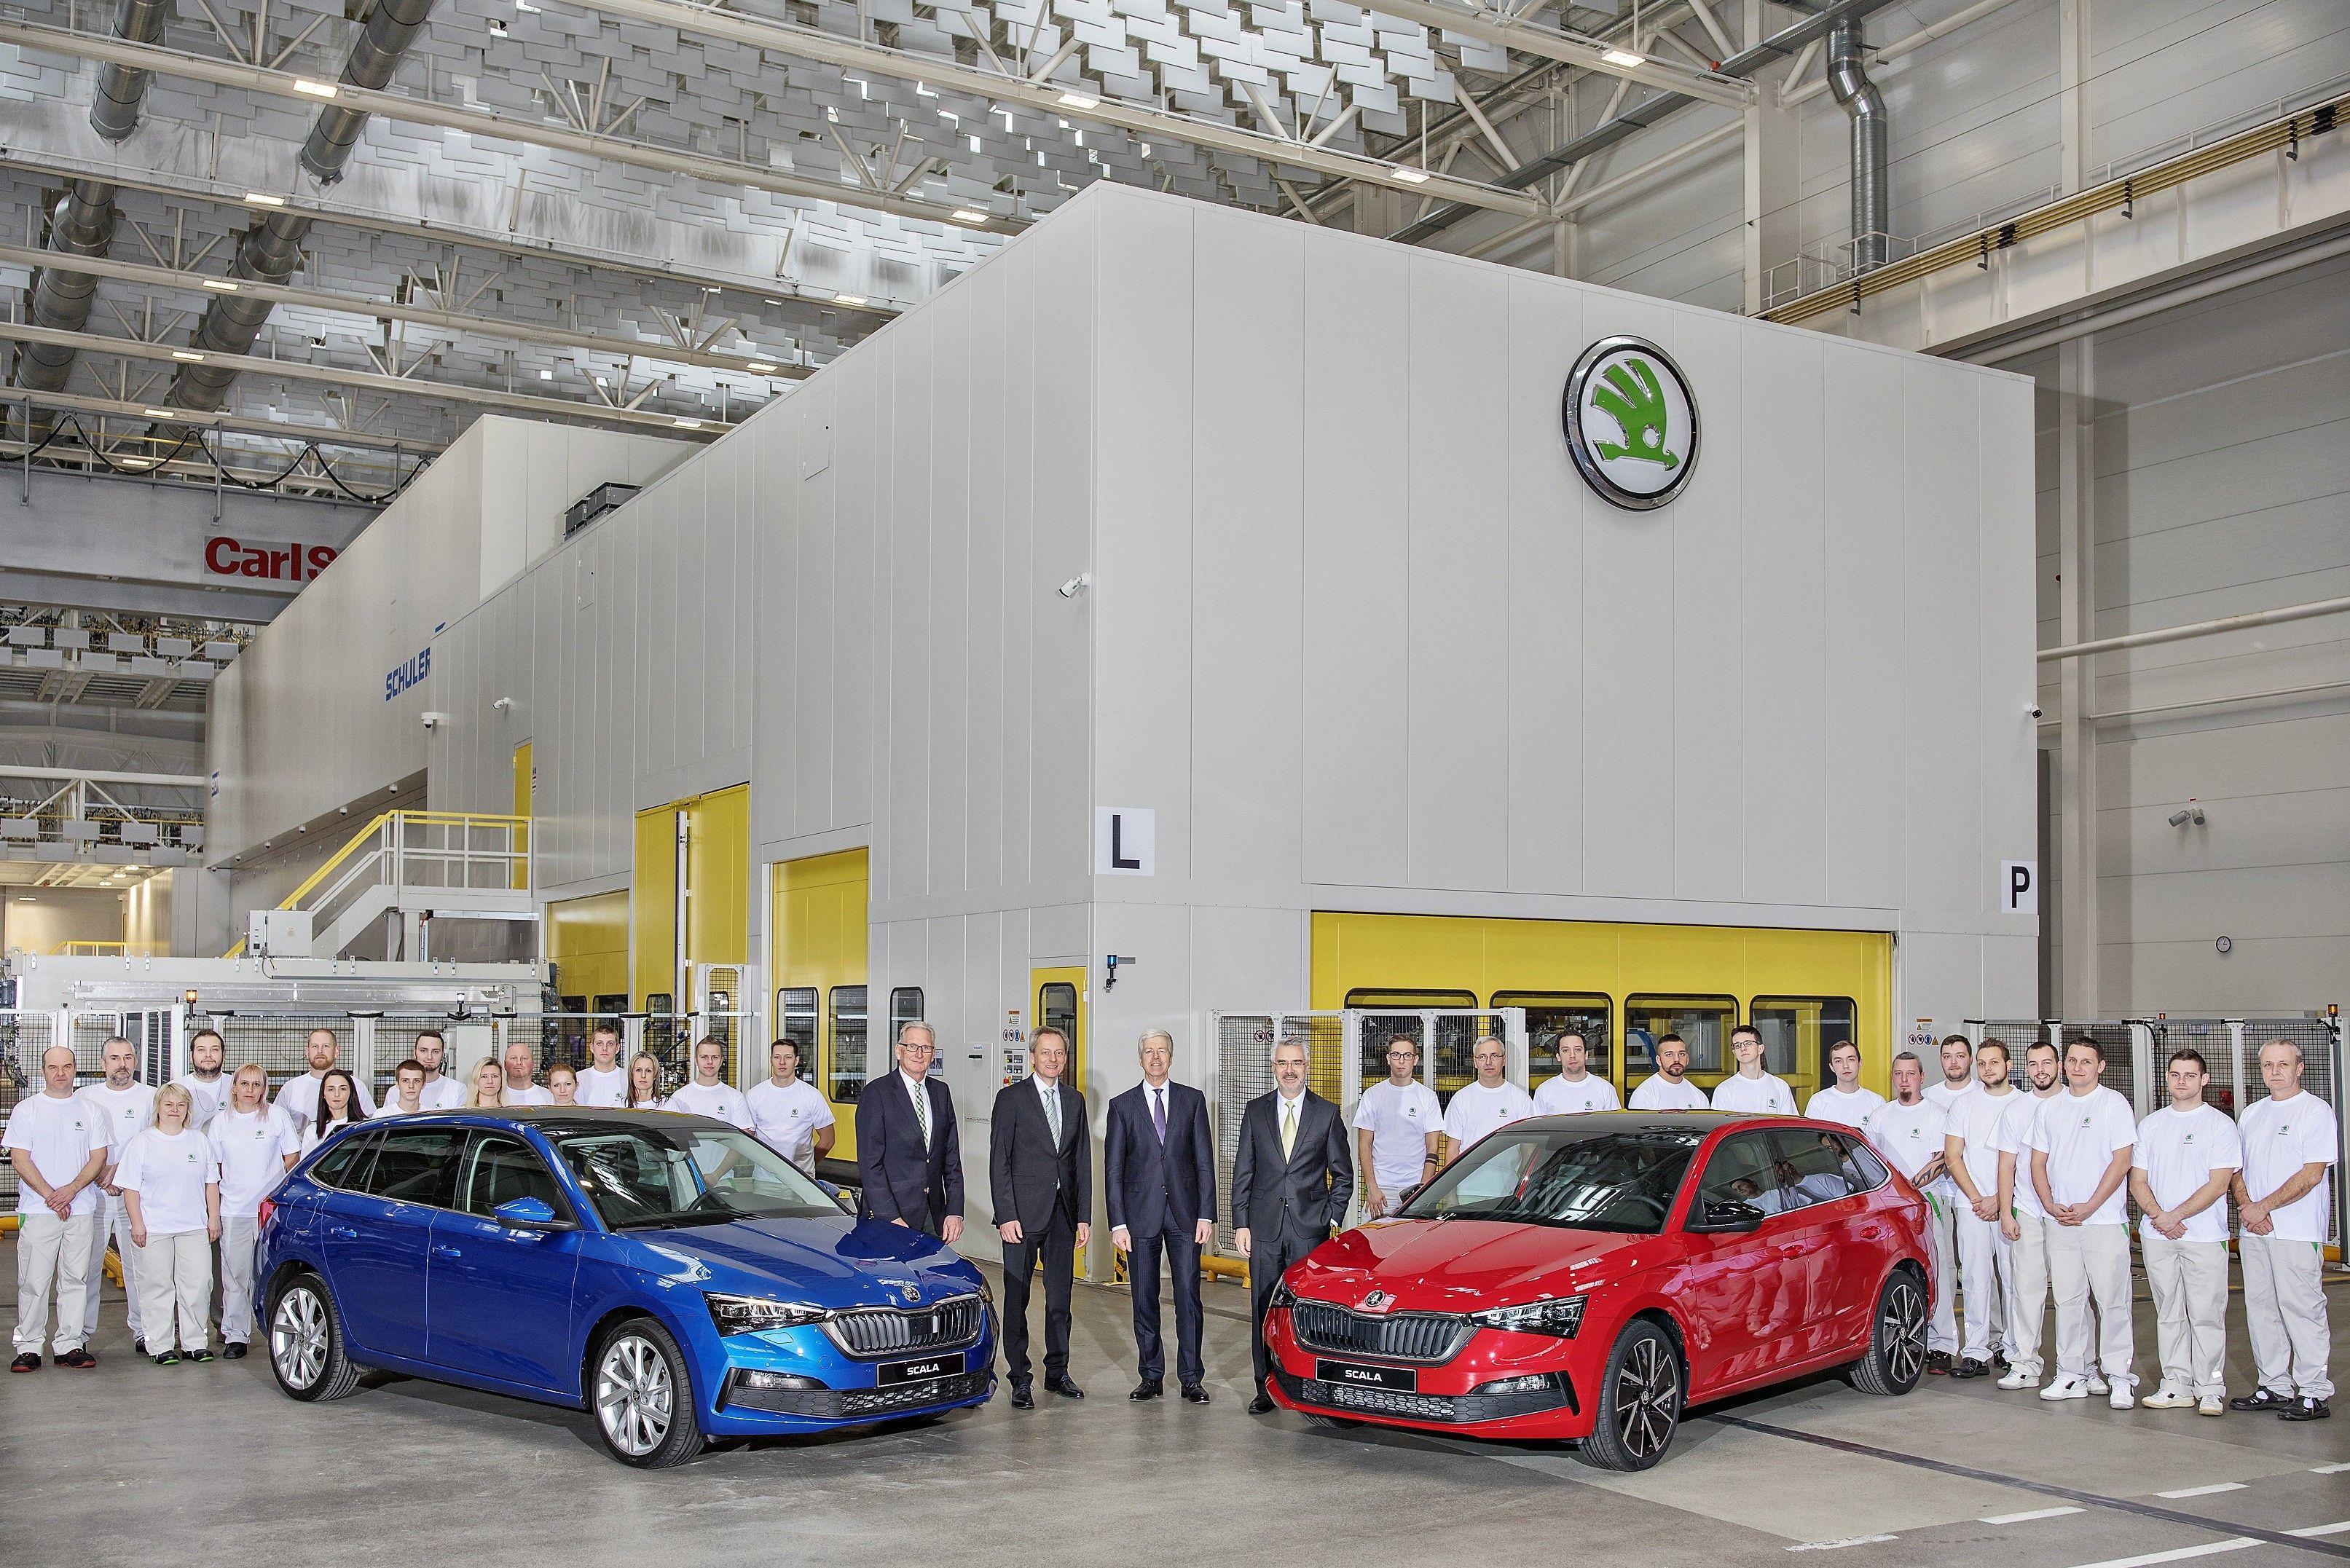 Ціни на Skoda Scala: порівнюємо вартість з Volkswagen Golf